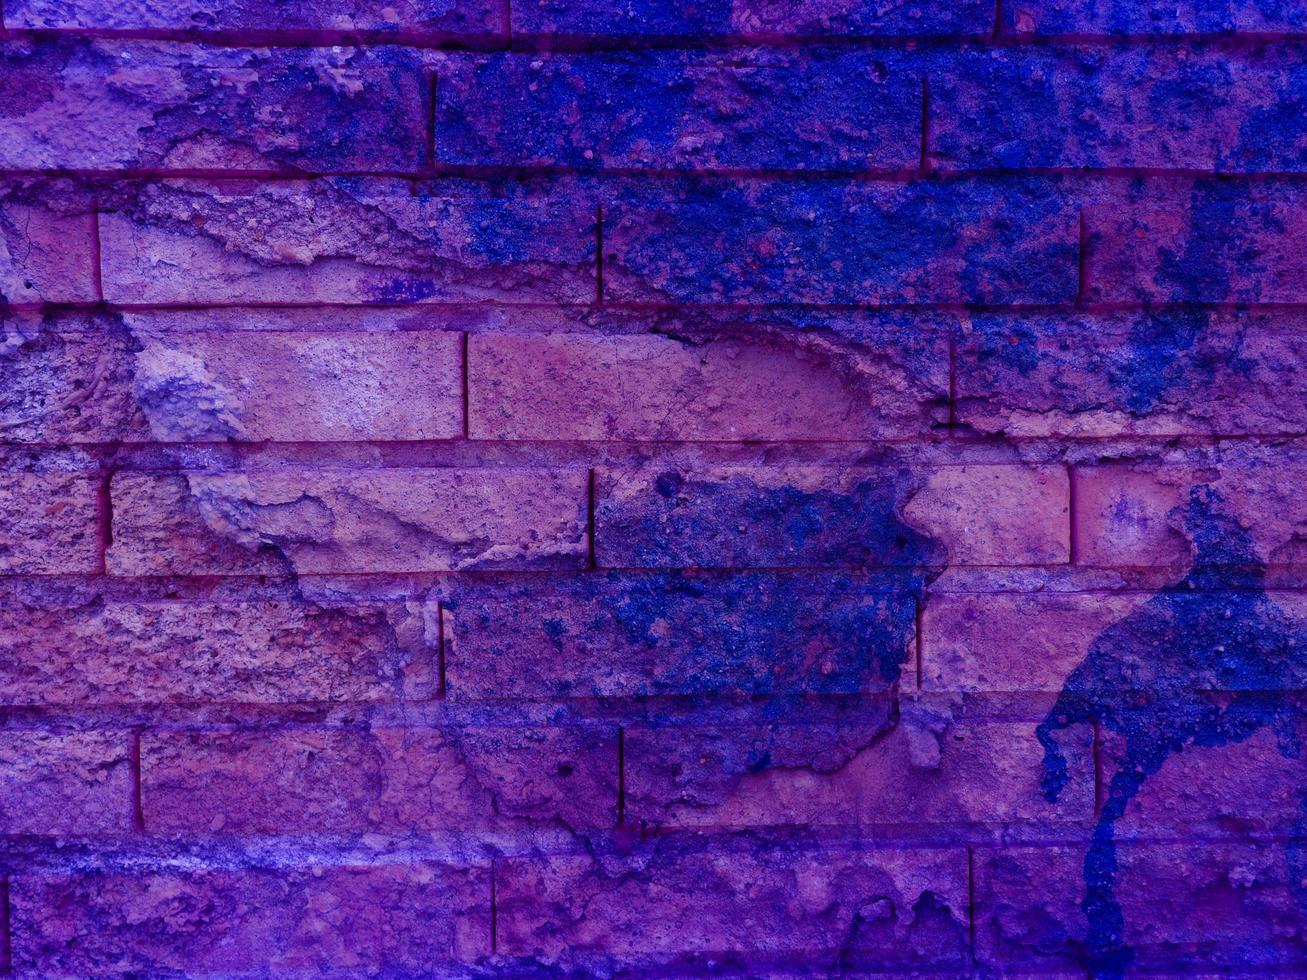 blauwe steen textuur foto